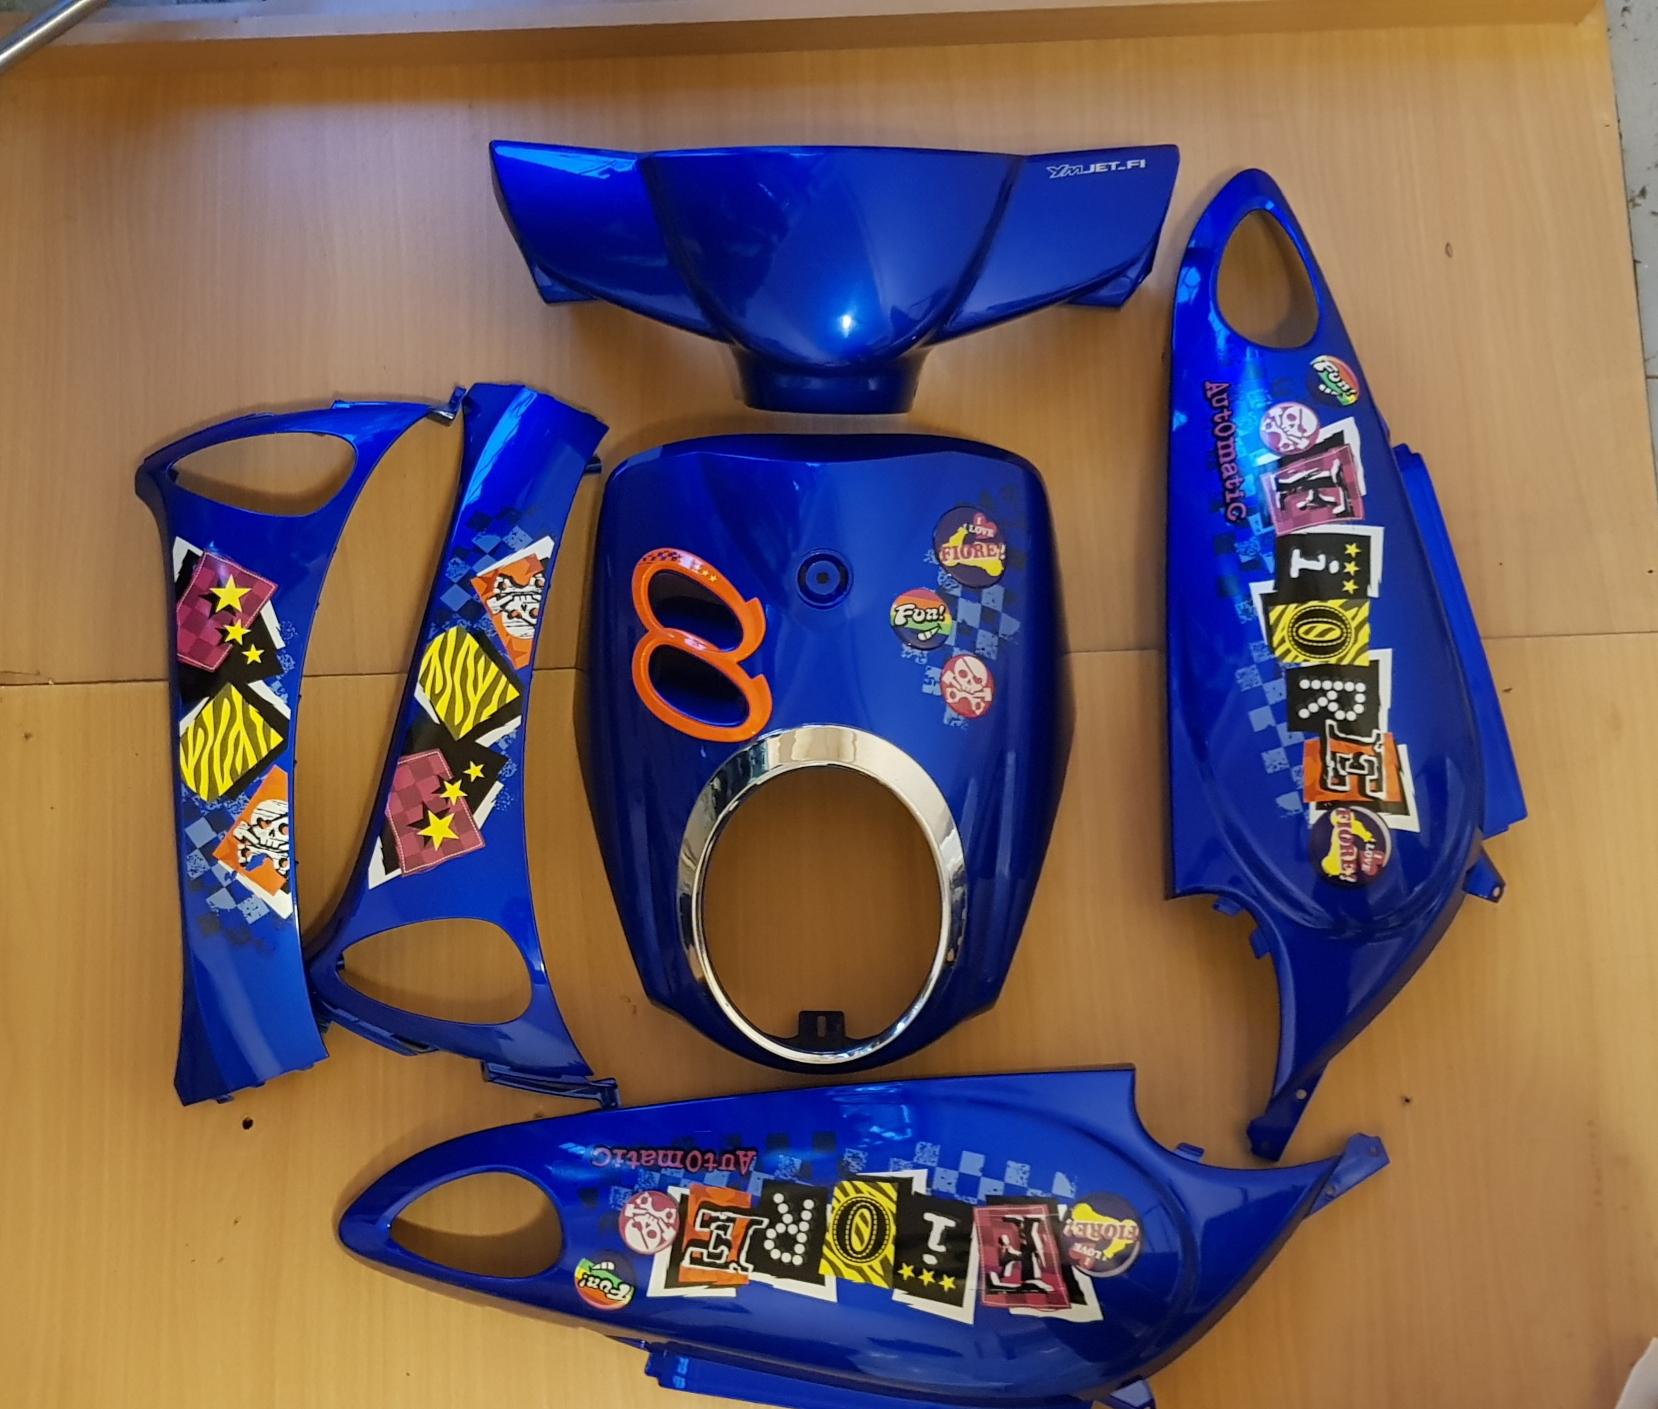 ชุดสีฟีโอเร ของใหม่ สีน้ำเงินพร้อมสติ๊กเกอร์